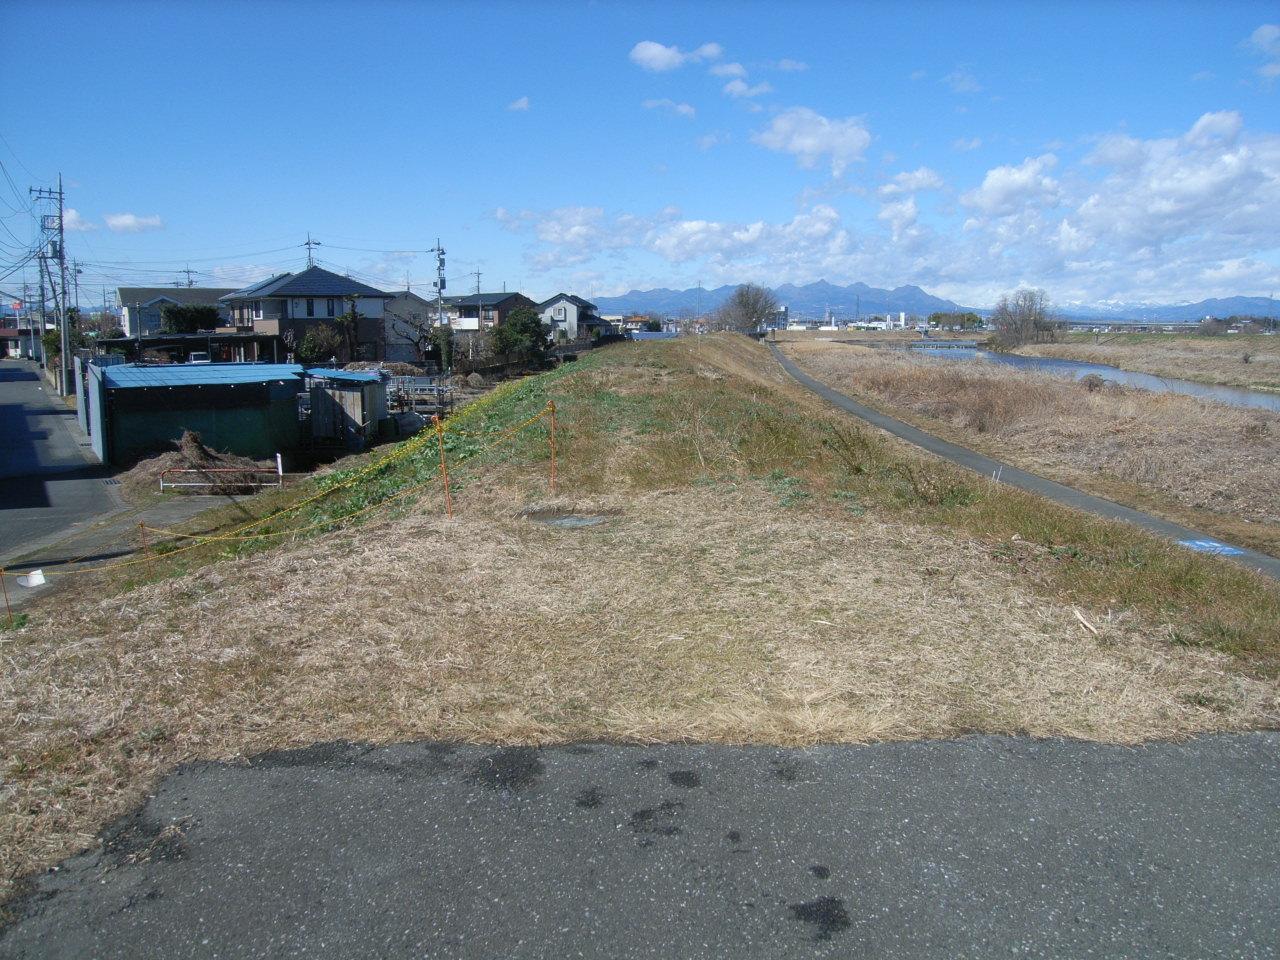 単独公共 単独河川改修事業 堤防舗装工 施工前